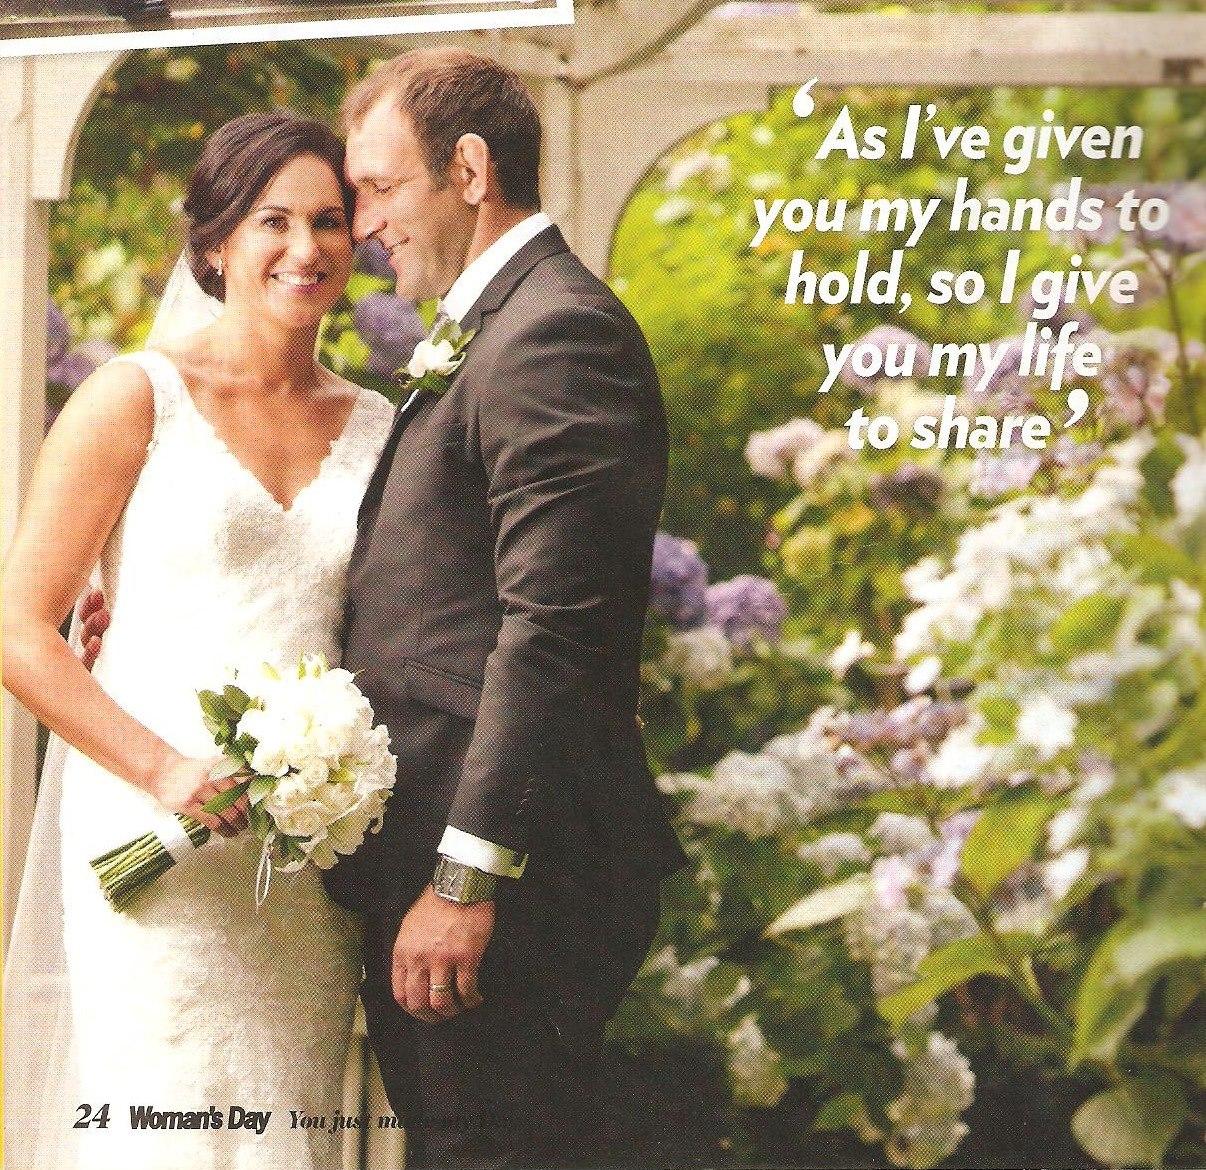 Kayla's Beautiful Wedding Featured On Woman's Day Magazine